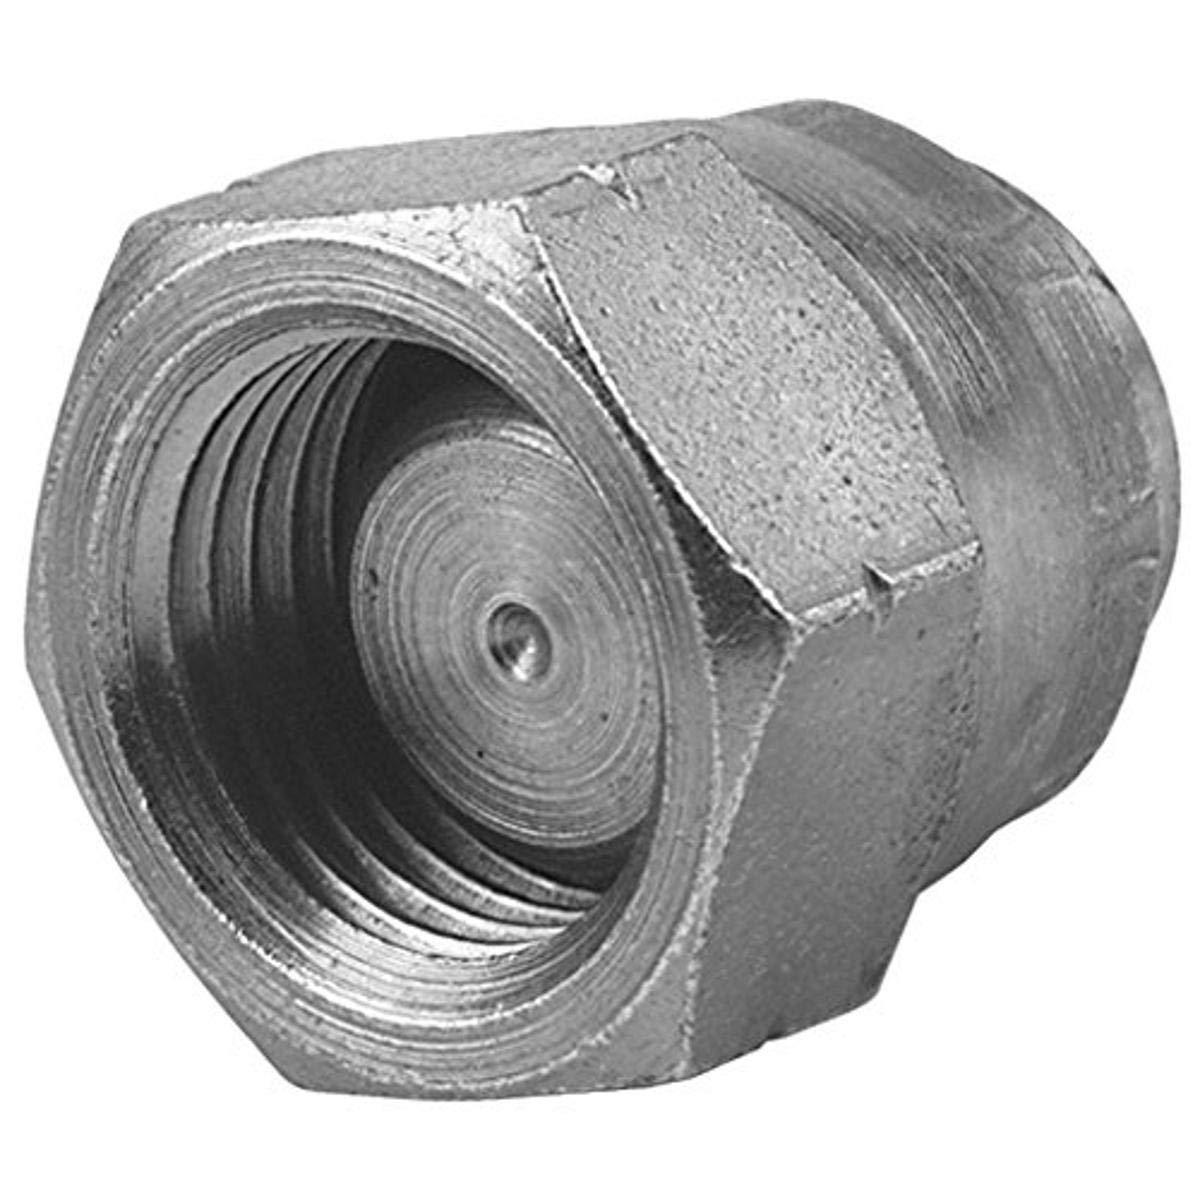 Tompkins Industries 3406-08 41641 BSPP Cap Steel